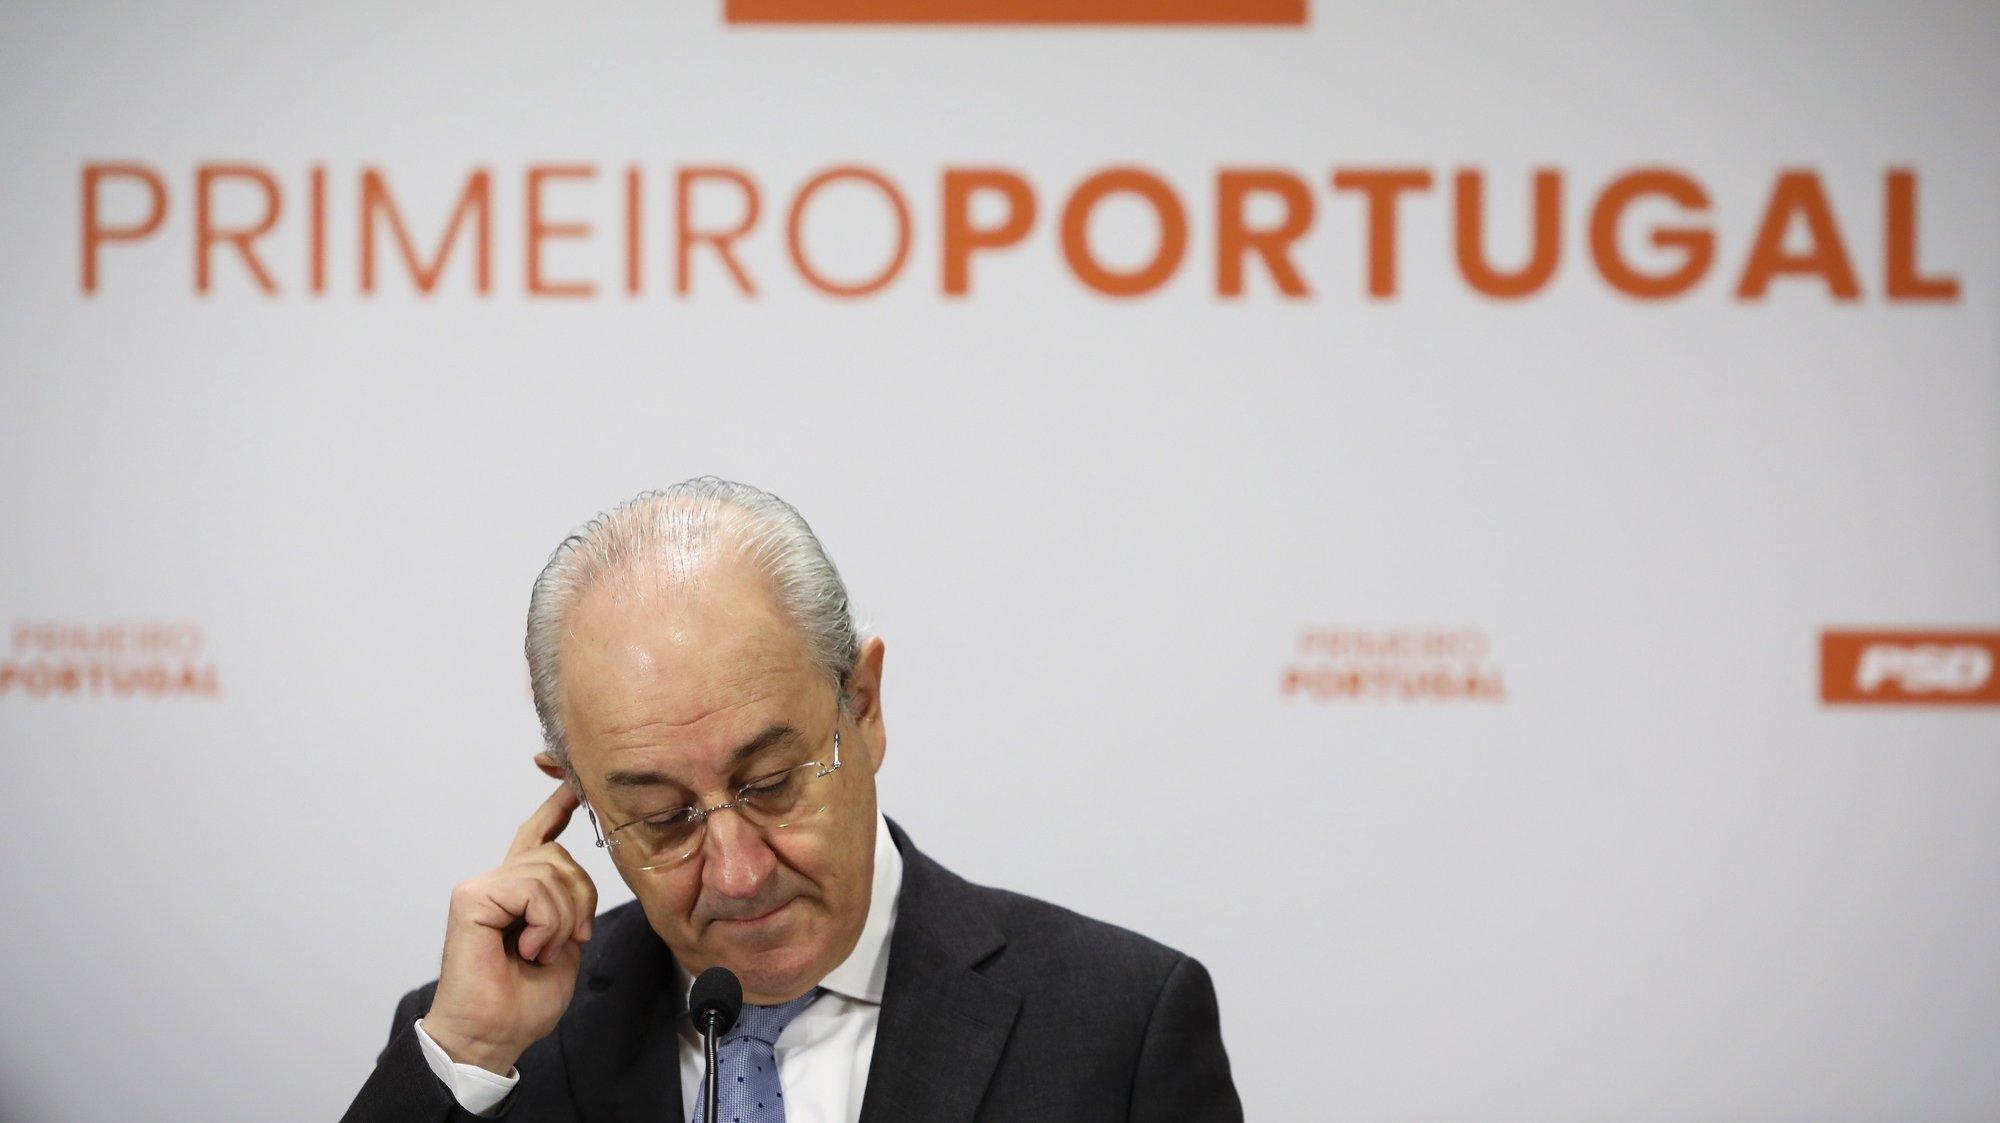 O presidente do Partido Social Democrata (PSD) Rui Rio realiza uma conferência de imprensa sobre as eleições autárquicas e a pandemia, na sede do partido no Porto, 12 de fevereiro de 2021. JOSÉ COELHO/LUSA